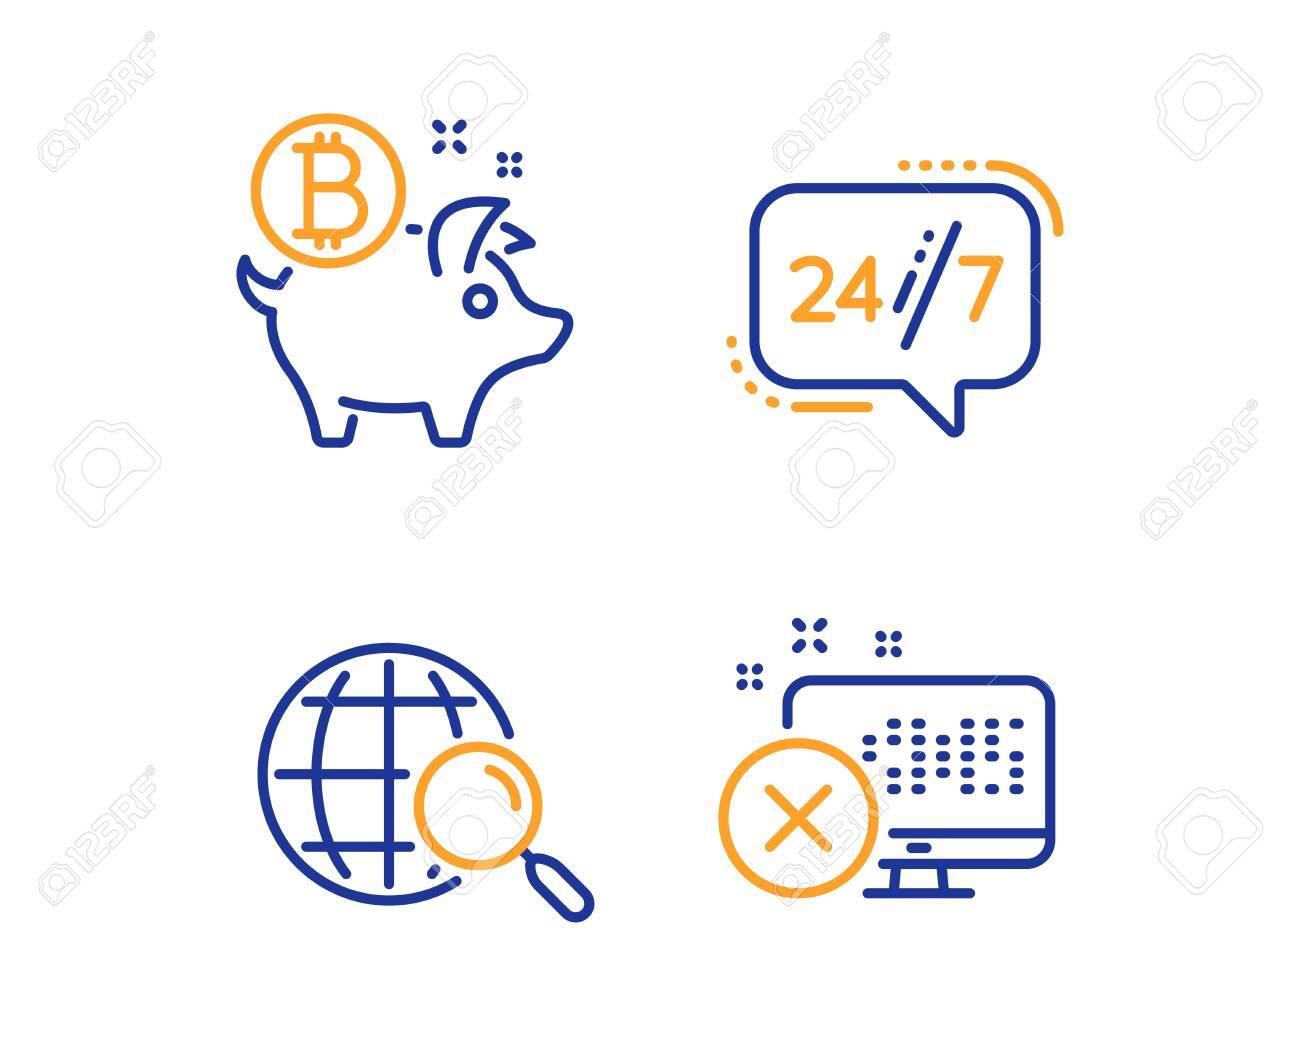 bitcoin 24 7